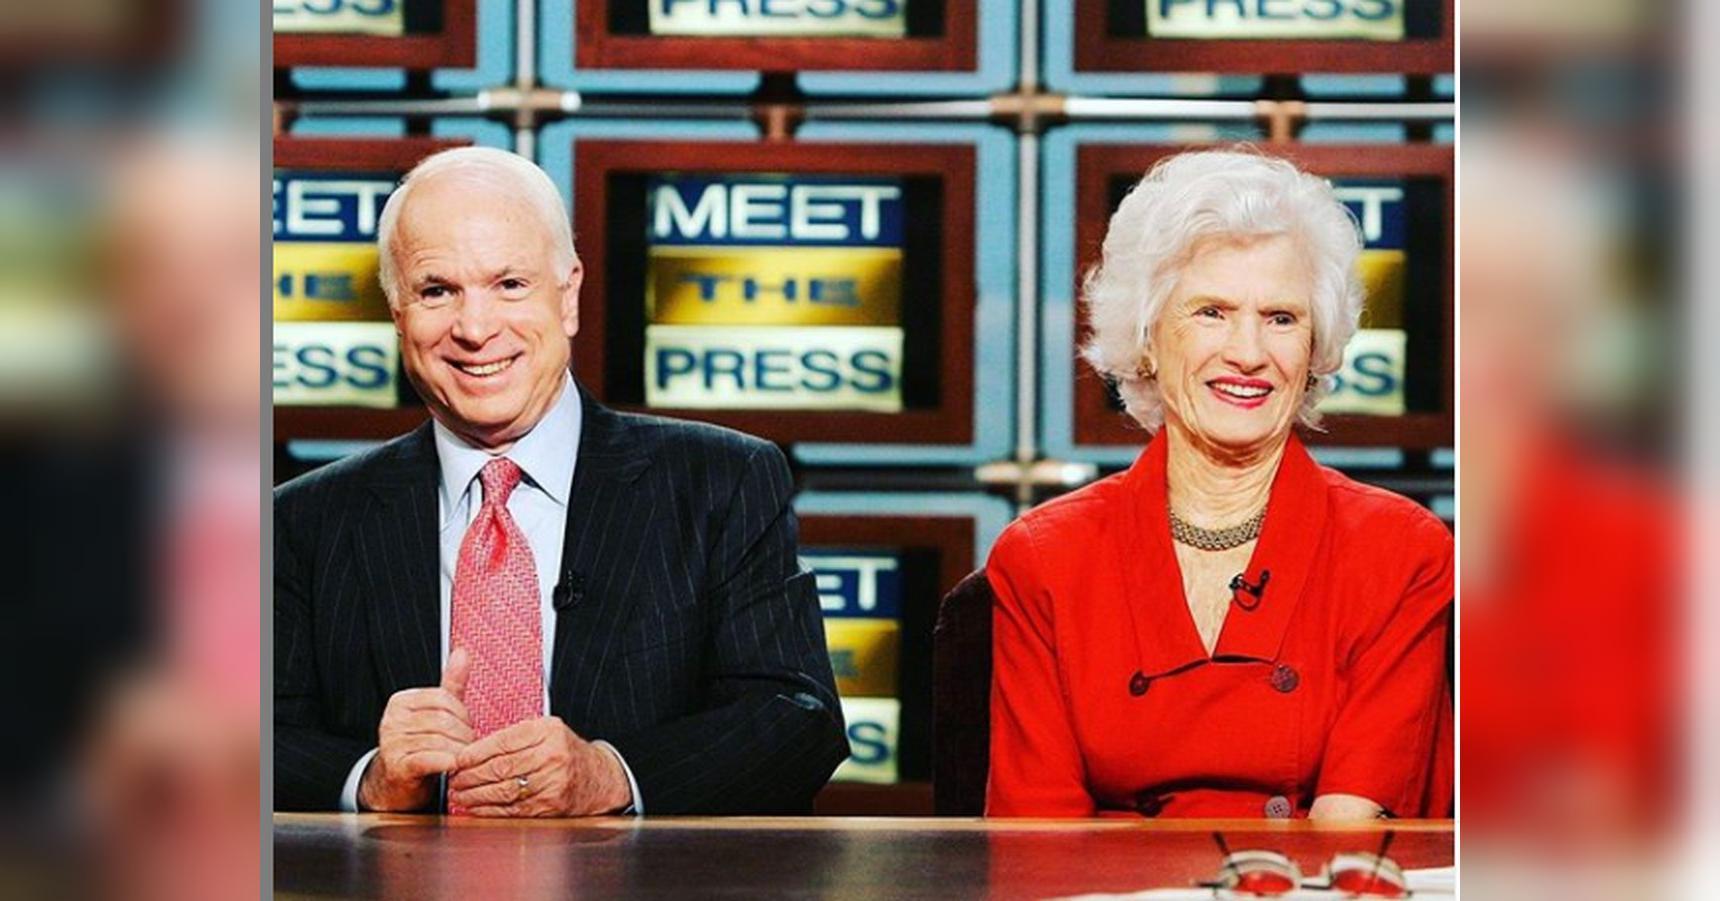 Roberta McCain, mother of late Sen. John McCain, dies at 108